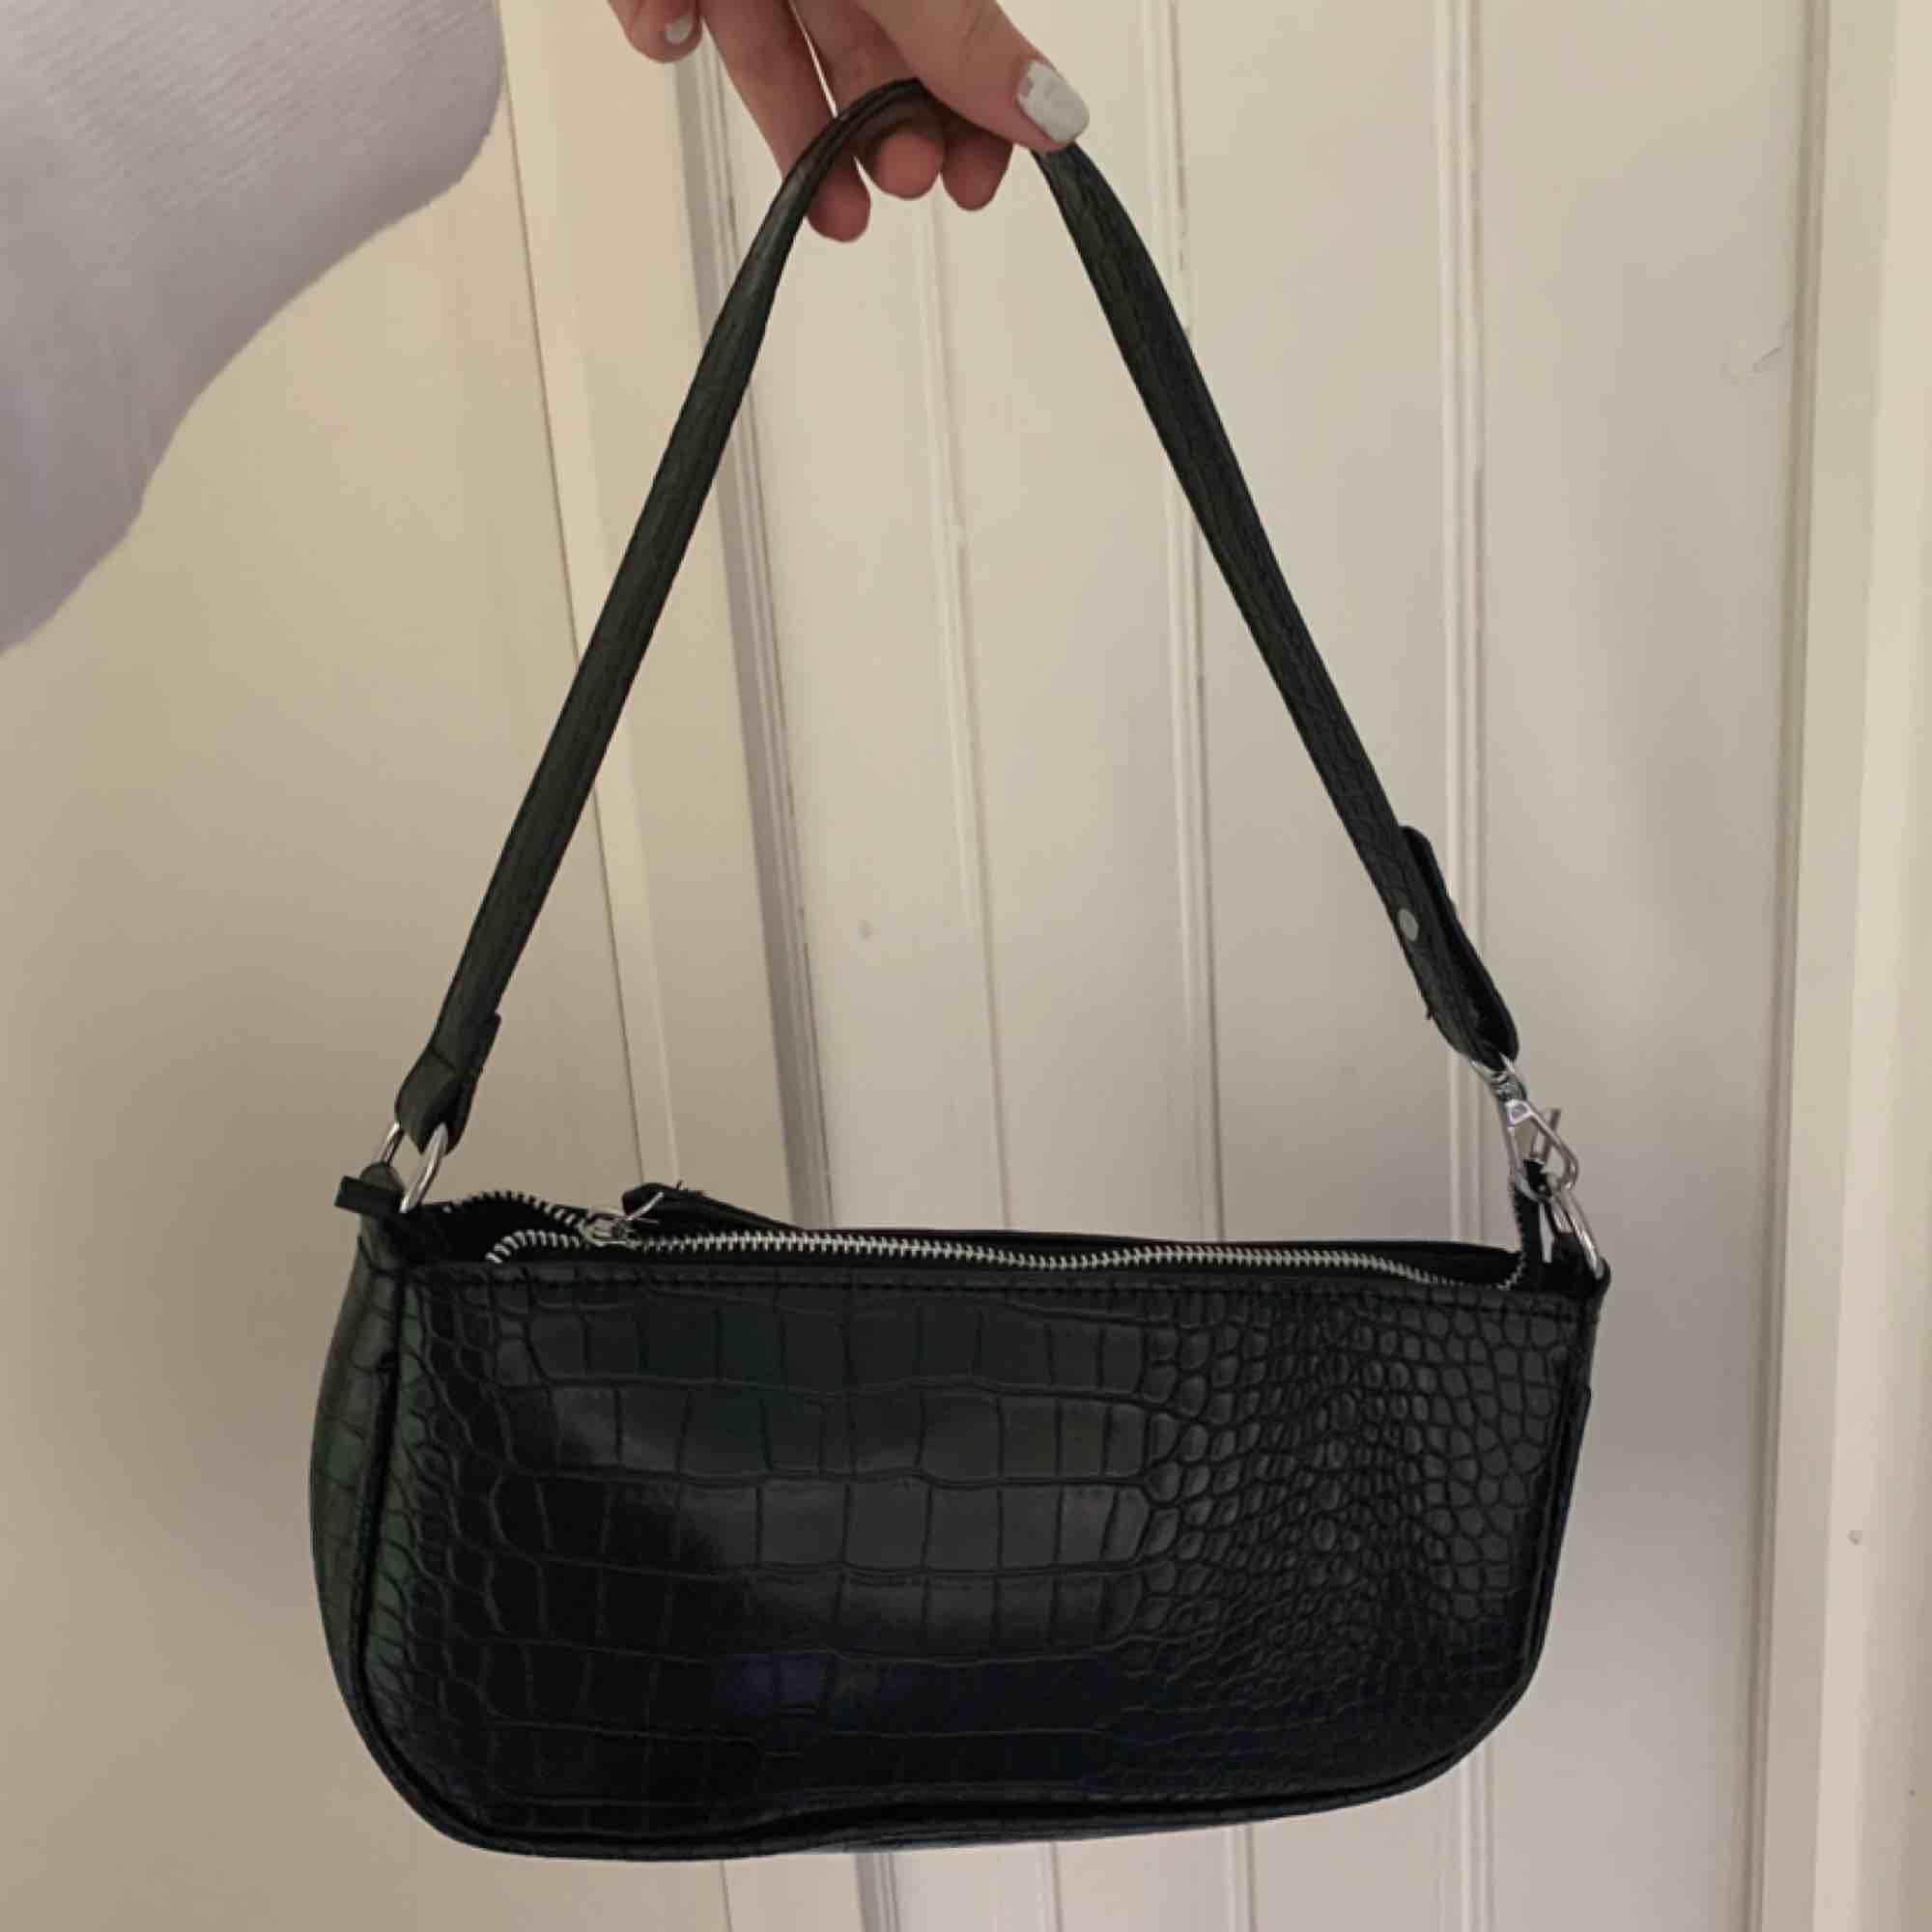 HELT NY jättefin och trendig väska från Crossbody DK, lappen finns kvar. Köpt för ca 450kr, säljer för 300. Vi delar på fraktpriset!!. Väskor.